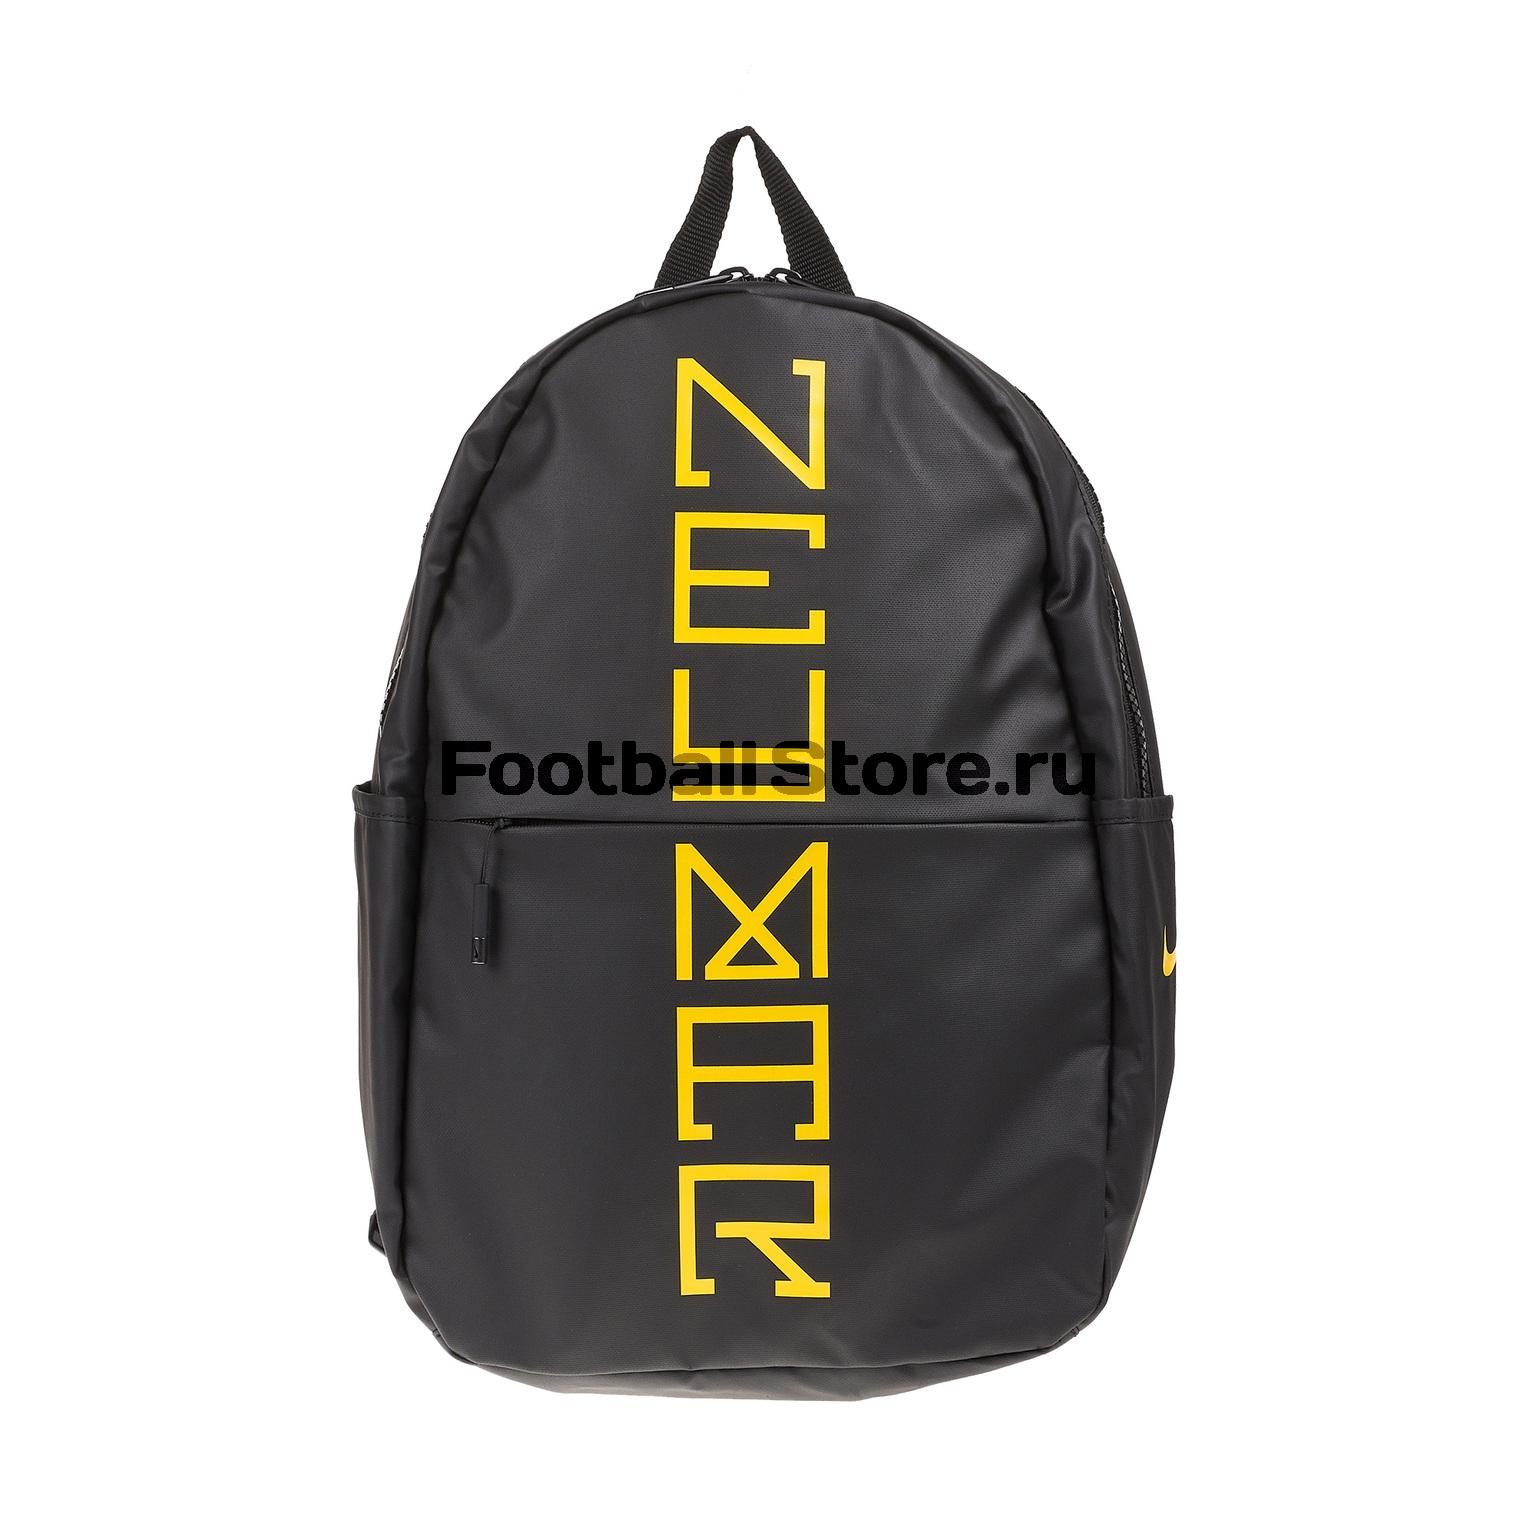 Рюкзак детский Nike Neymar BA5537-010 рюкзак детский nike brasilia backpack ba5473 480